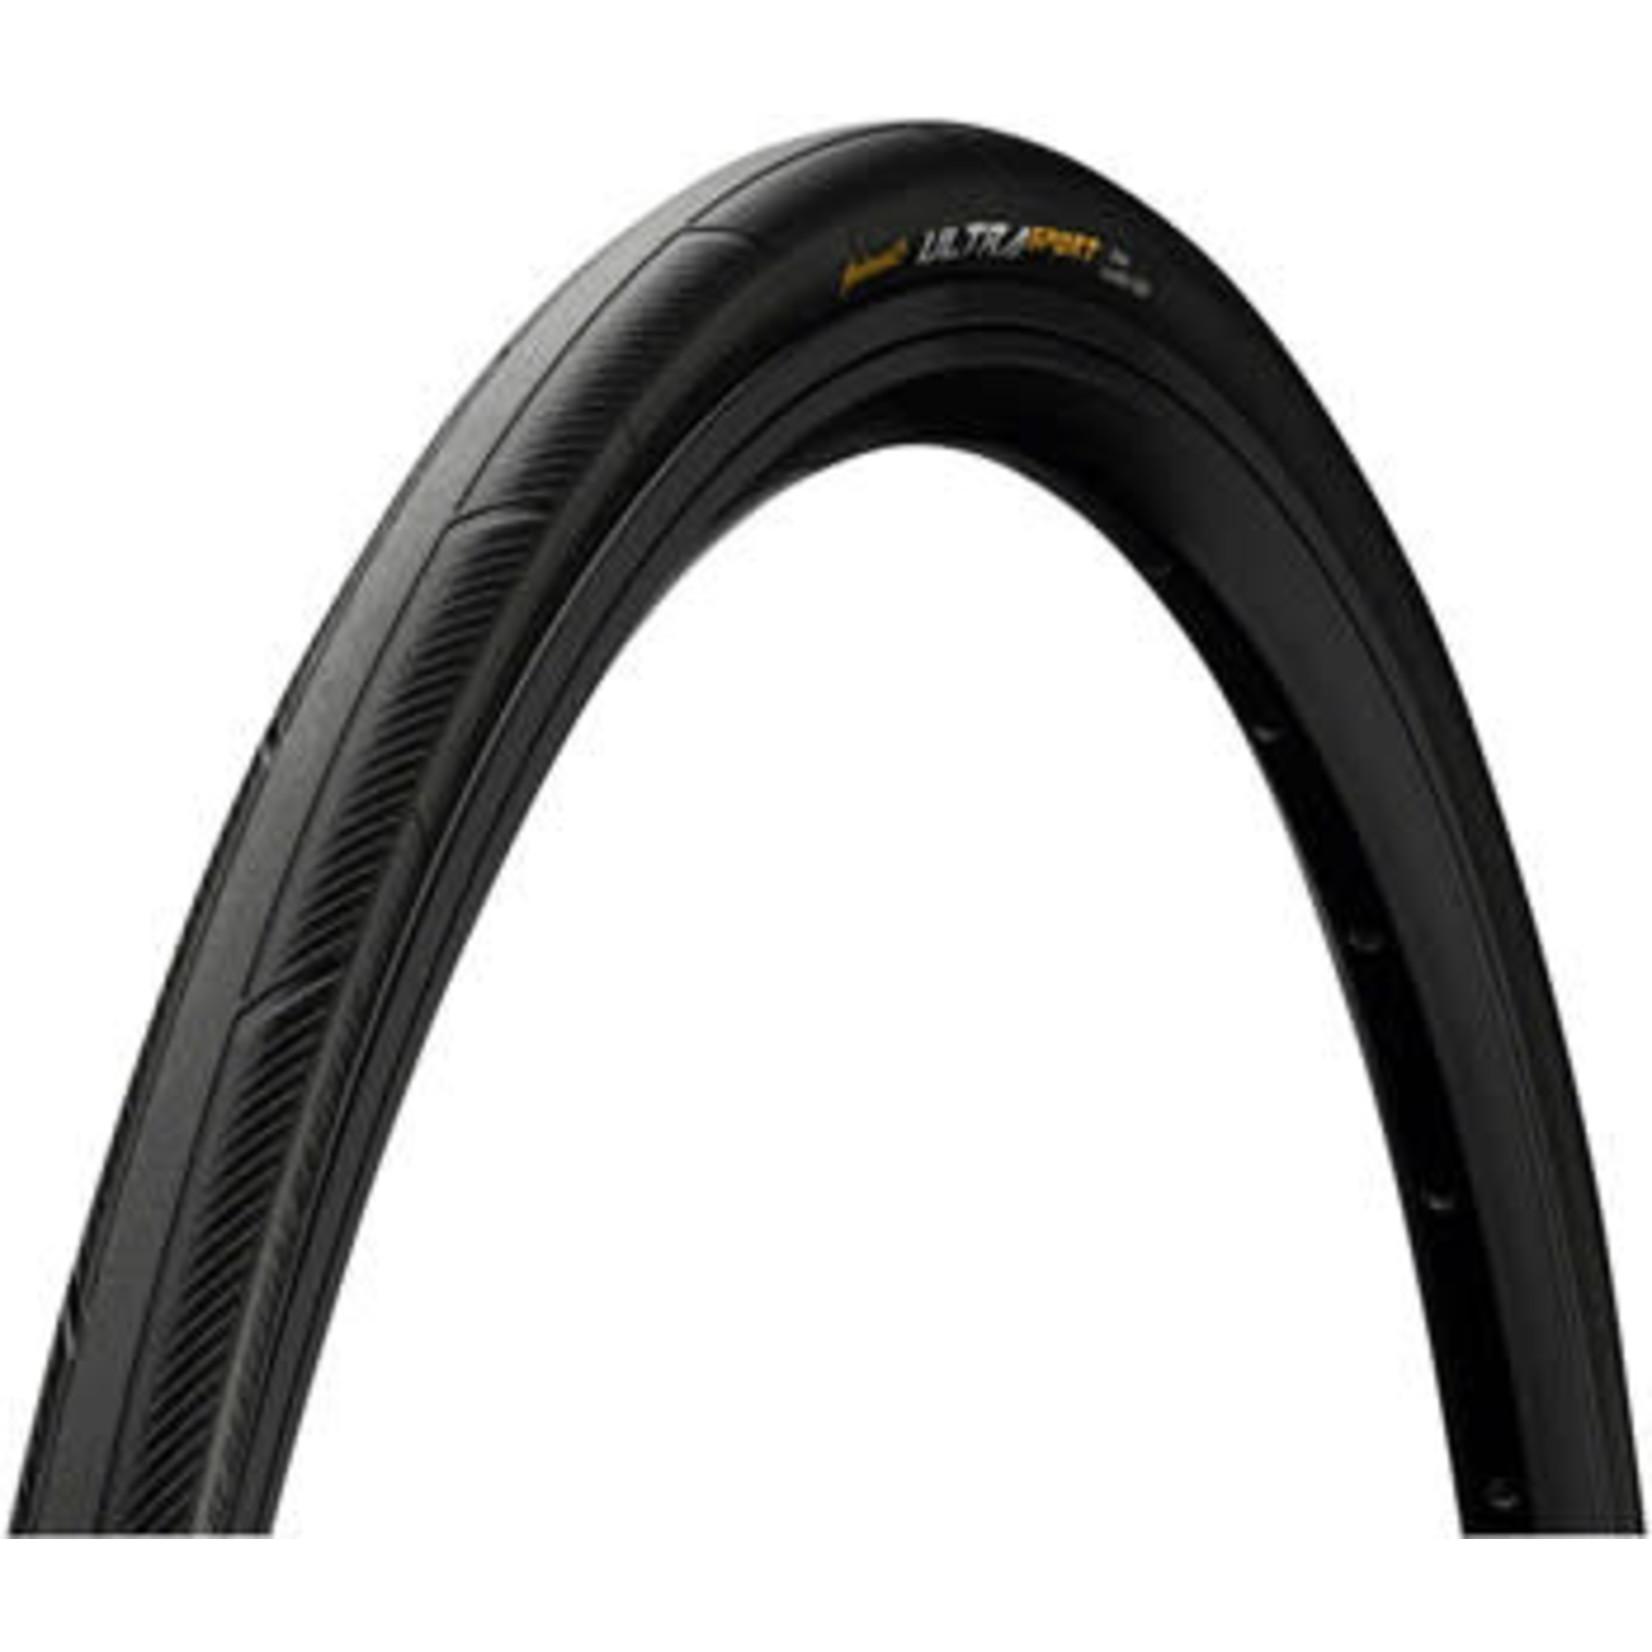 Conti Ultra Sport III 700x23 Clinch